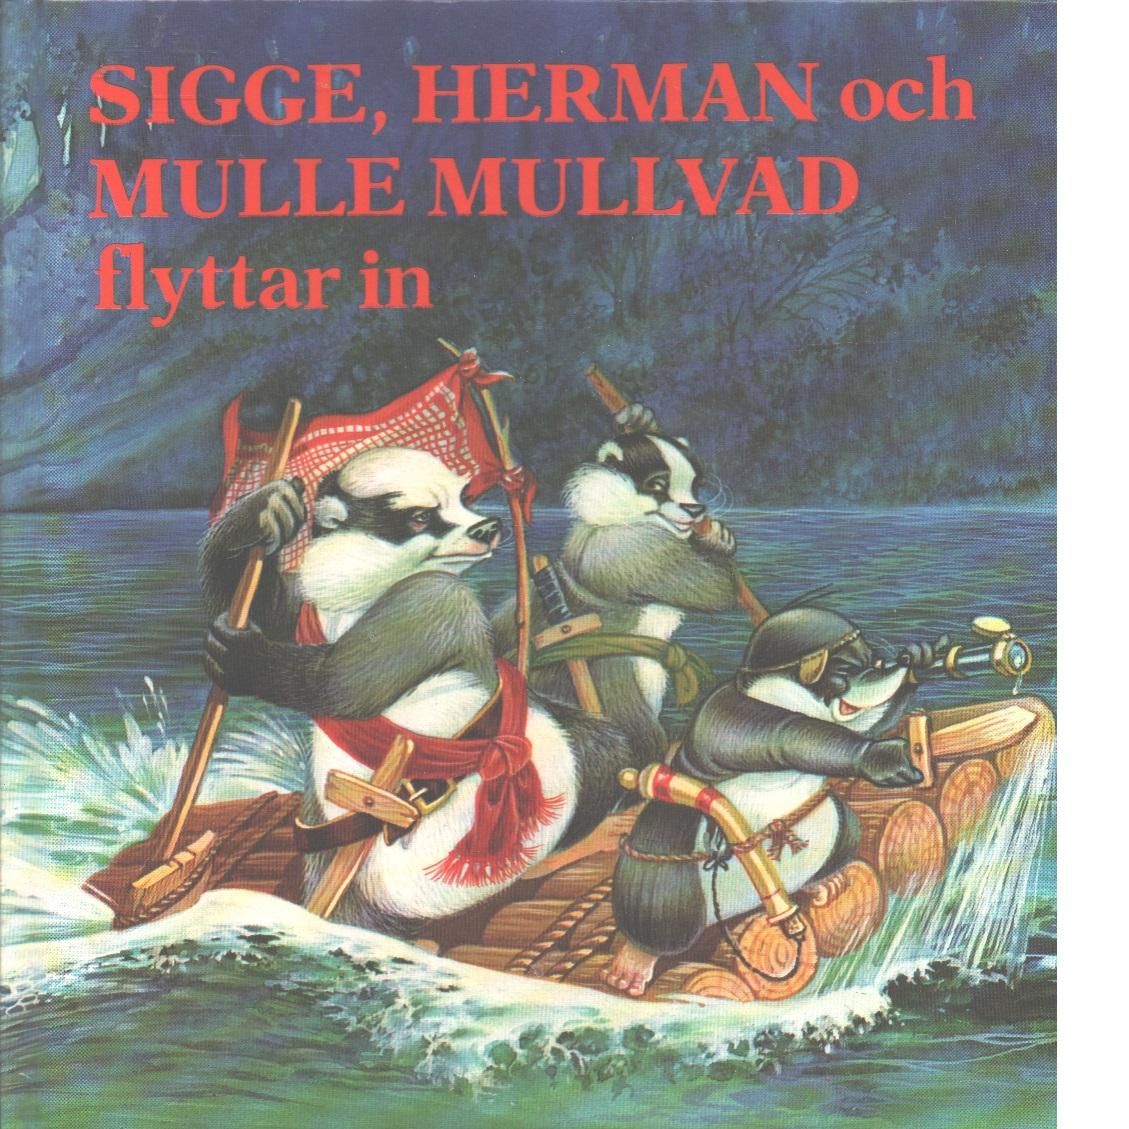 Sigge, Herman och Mulle Mullvad flyttar in - Kincaid, Lucy och Kincaid, Eric